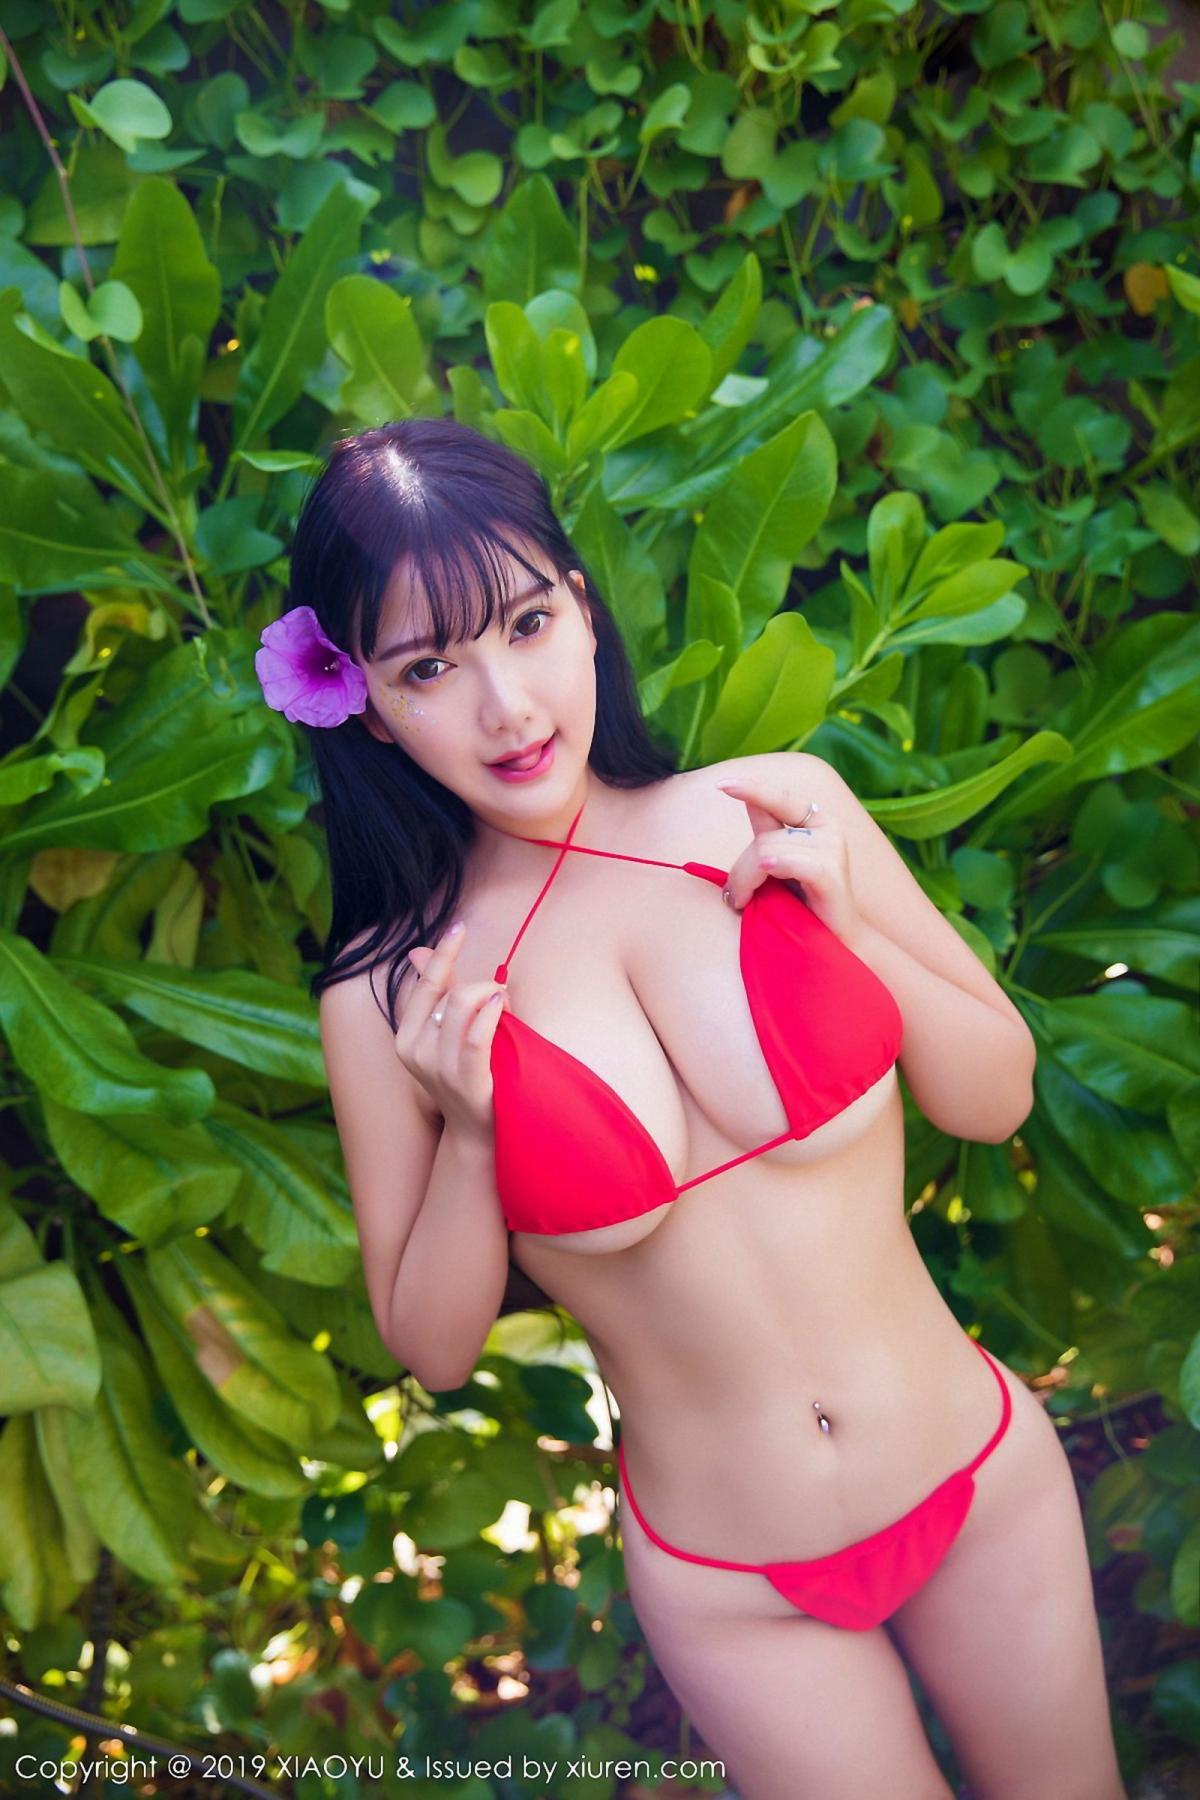 [XiaoYu] Vol.029 Lu Lu Xiao Miao 3P, Bikini, Lu Lu Xiao Miao, Wet, XiaoYu